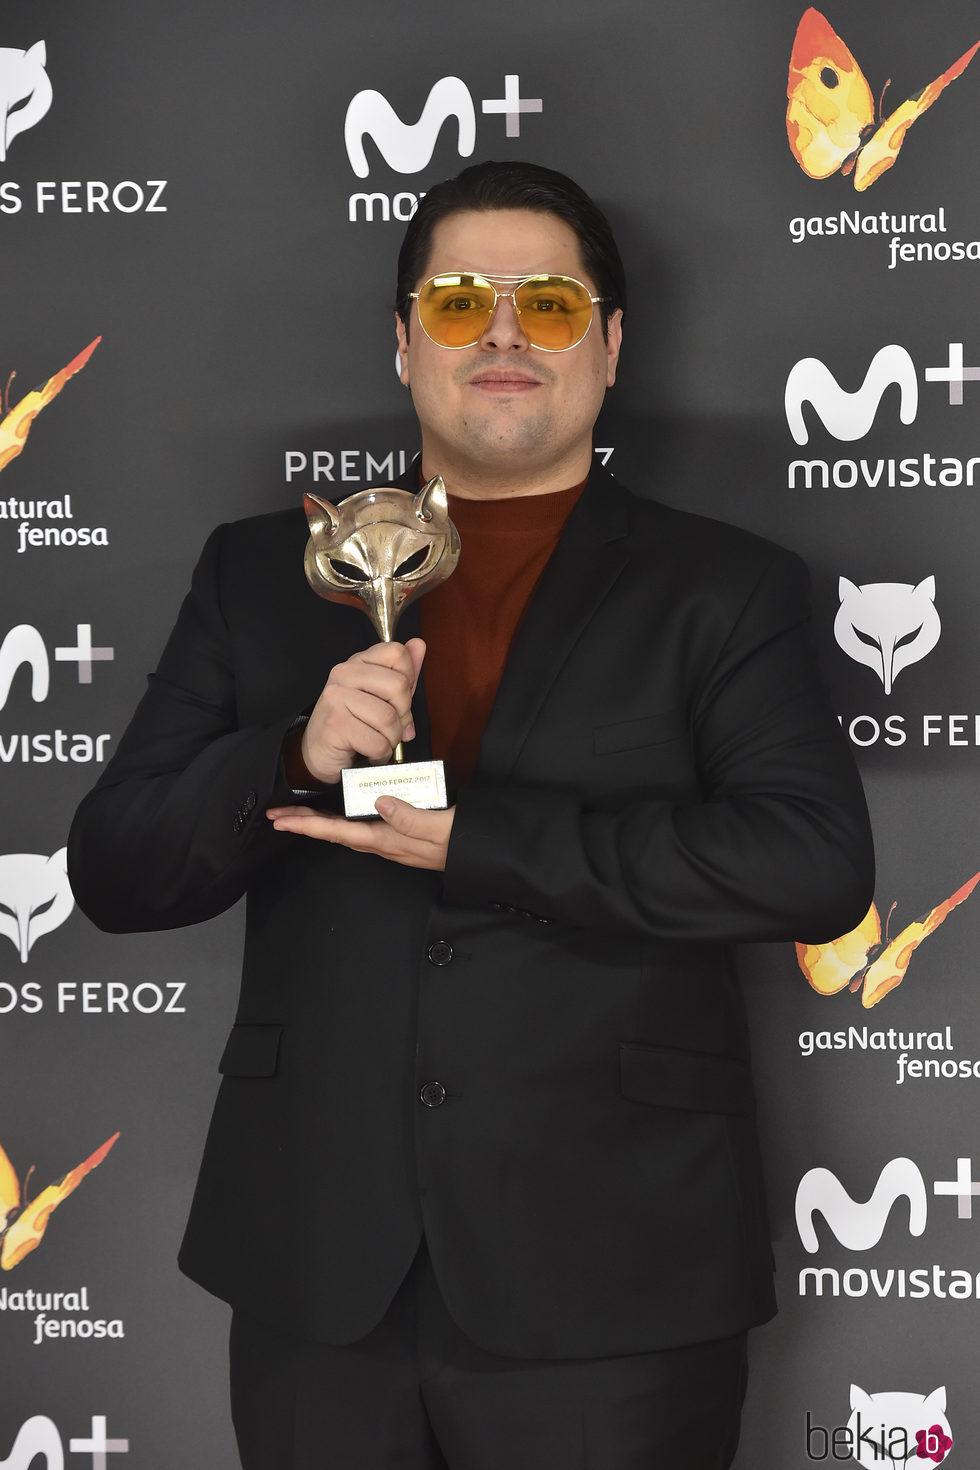 Brays Efe con su 'Feroz' 2017